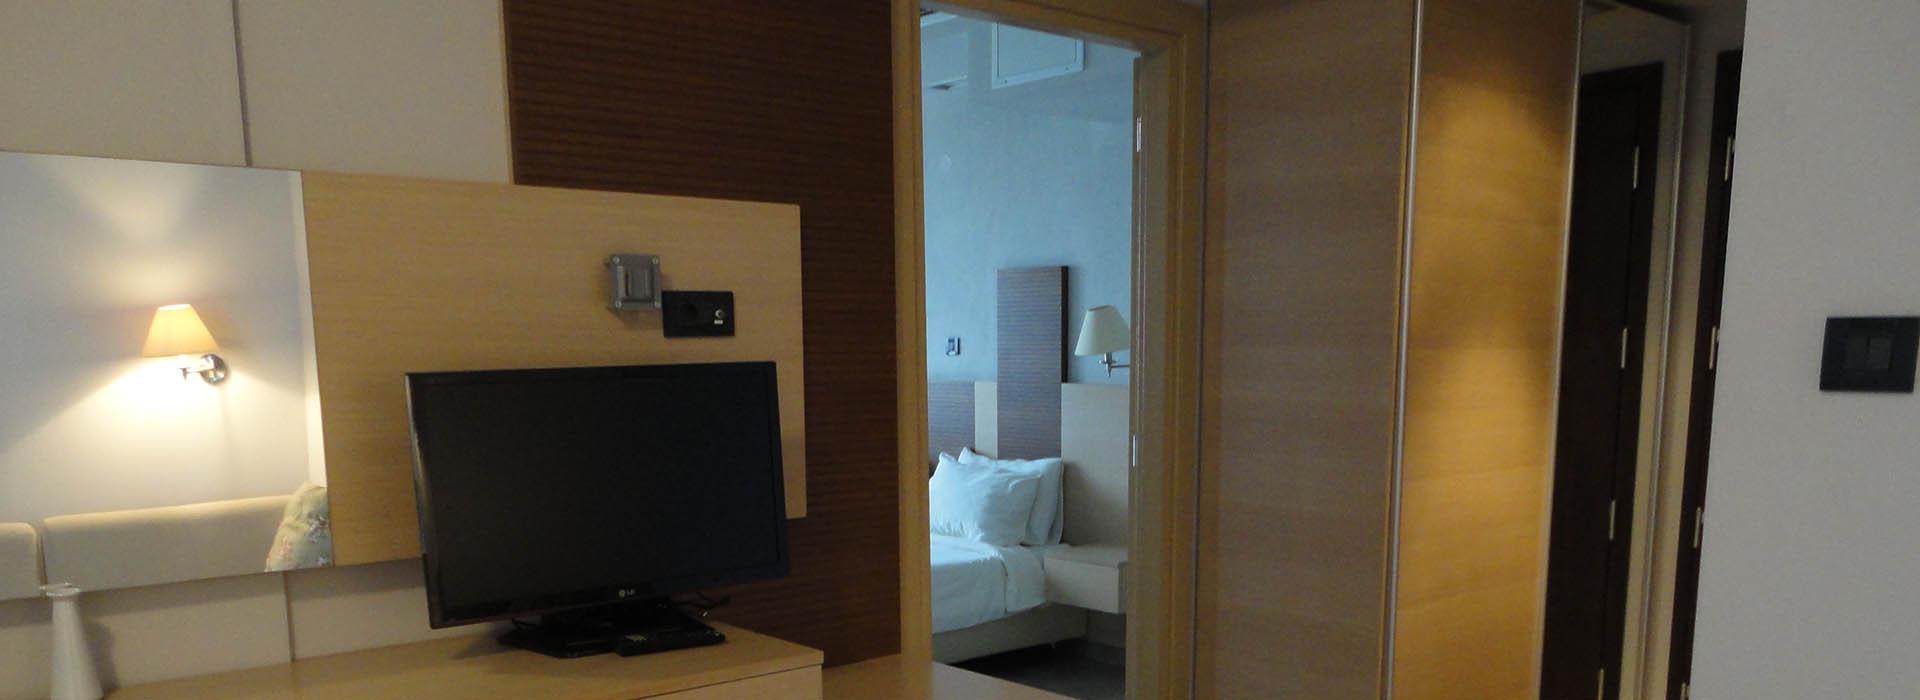 Rooms__Suites_5_copy